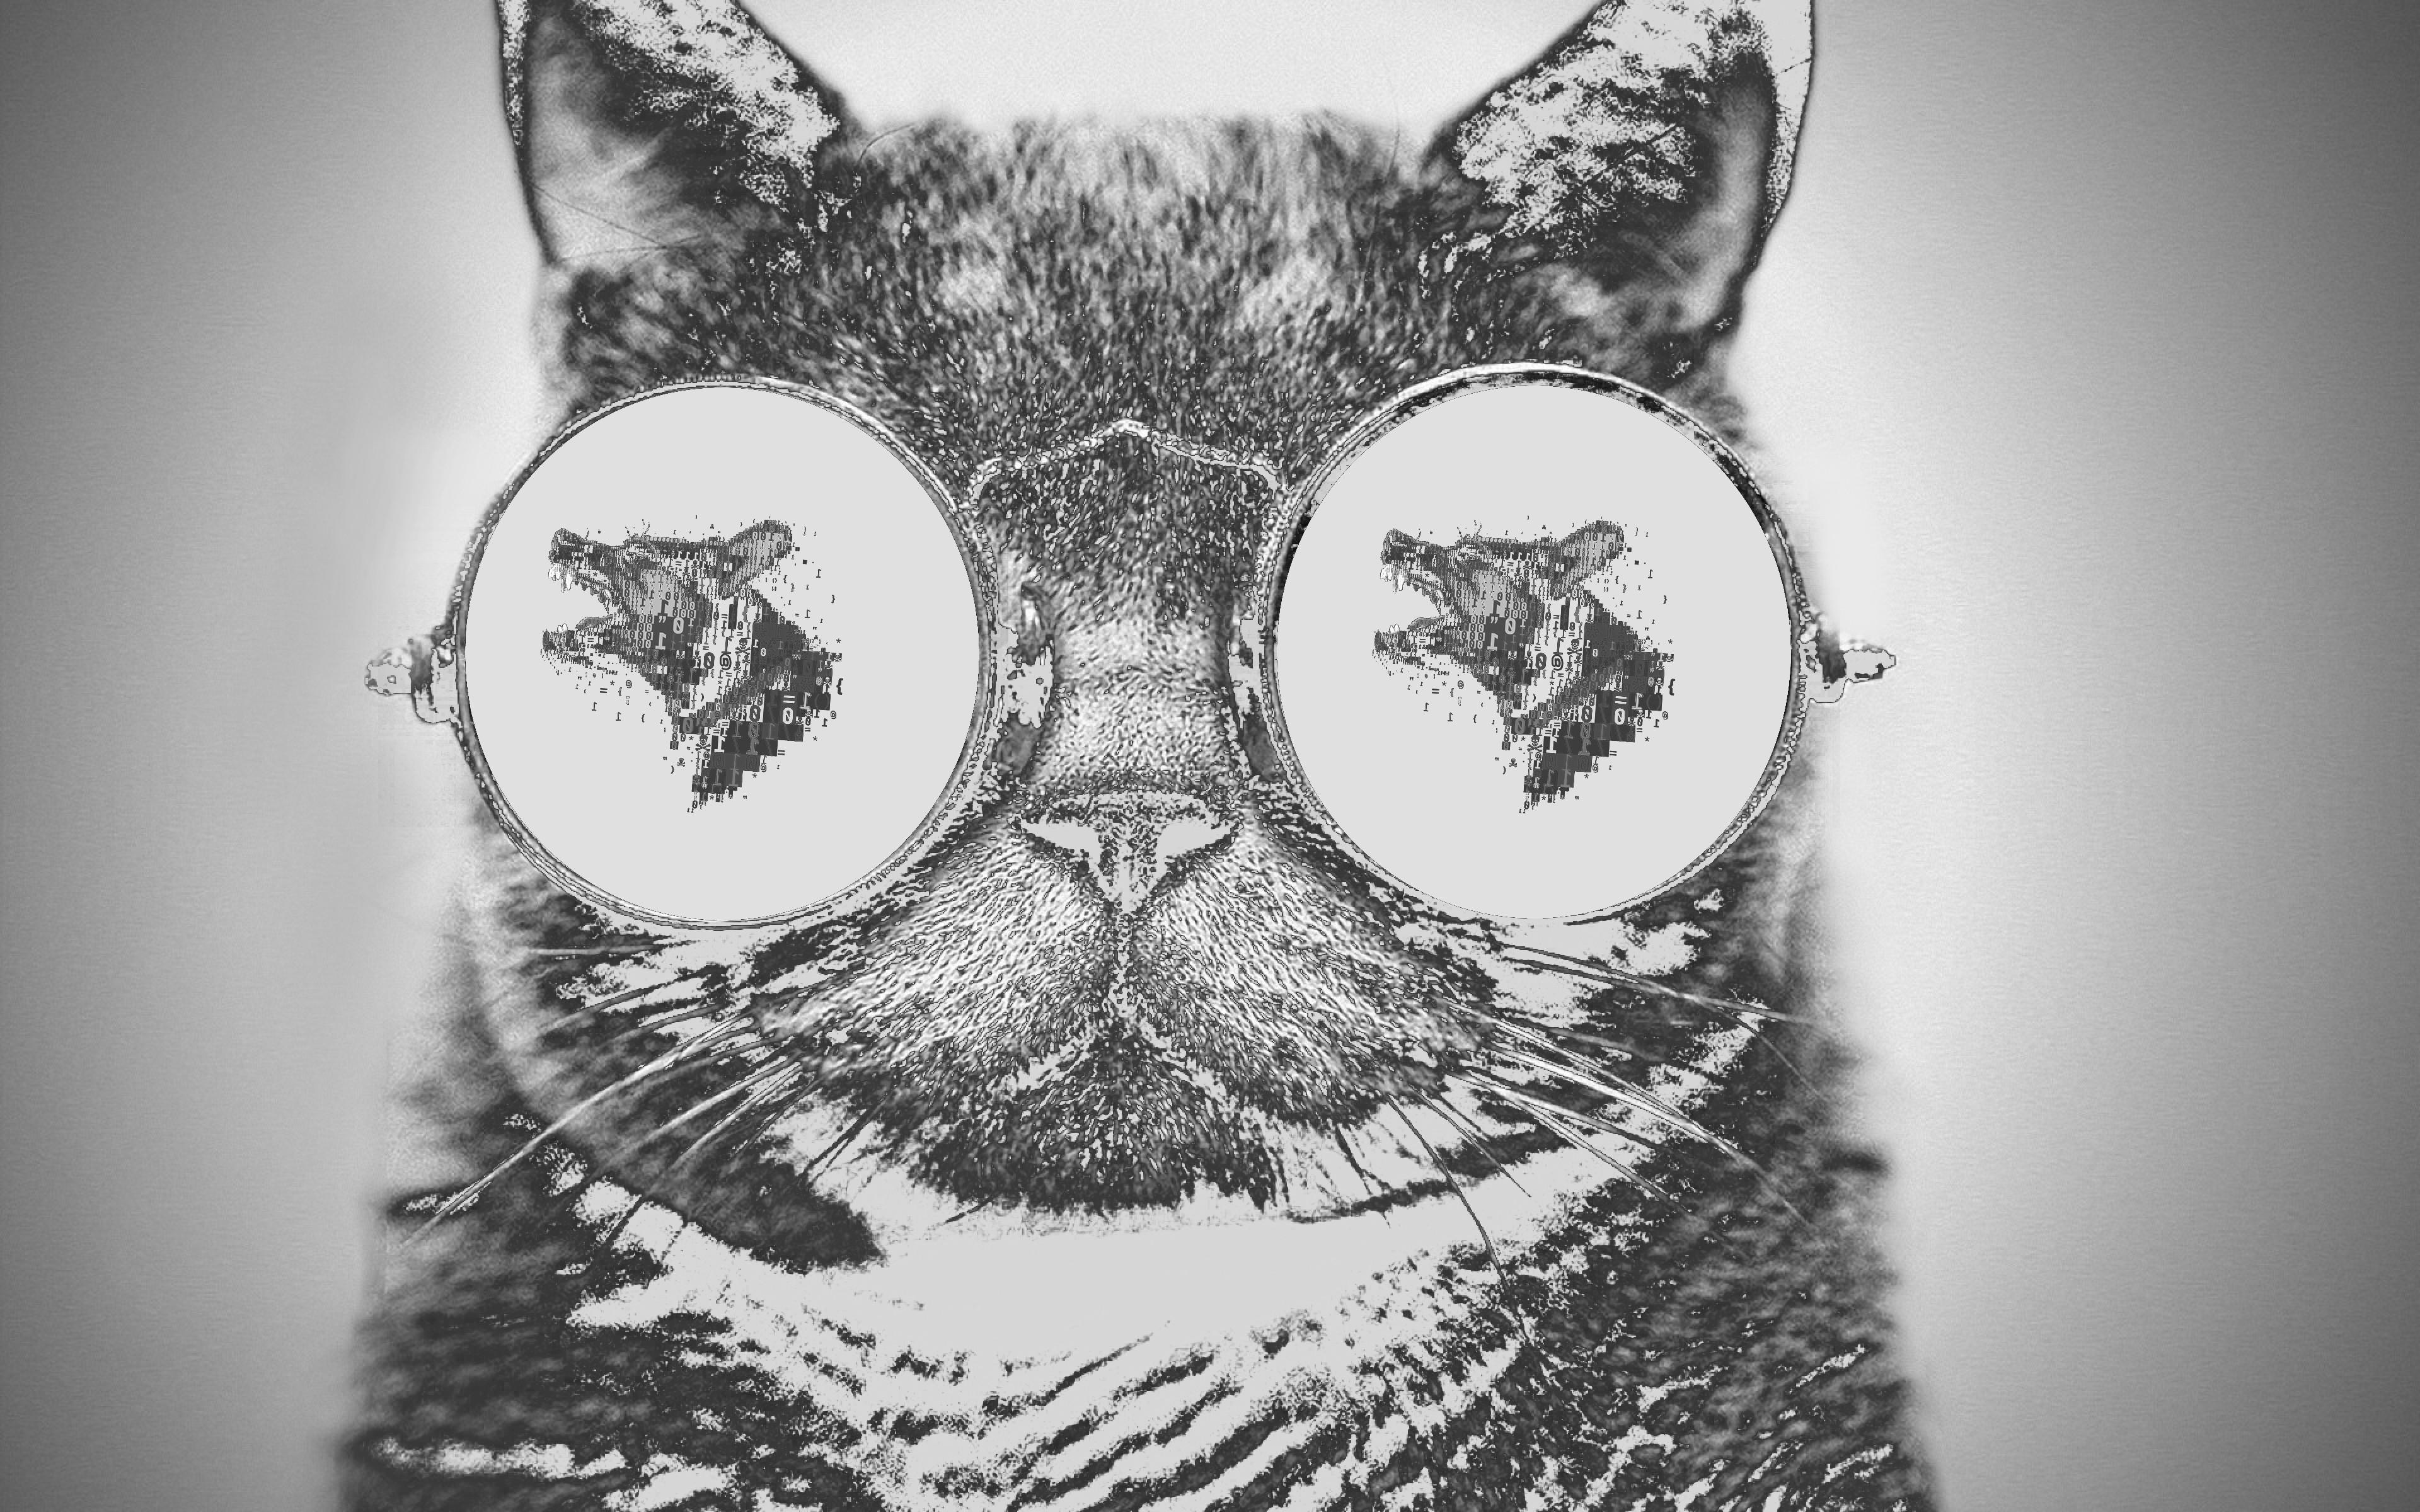 Fondos De Pantalla Dibujo Ilustracion Gato Animales Antiguo